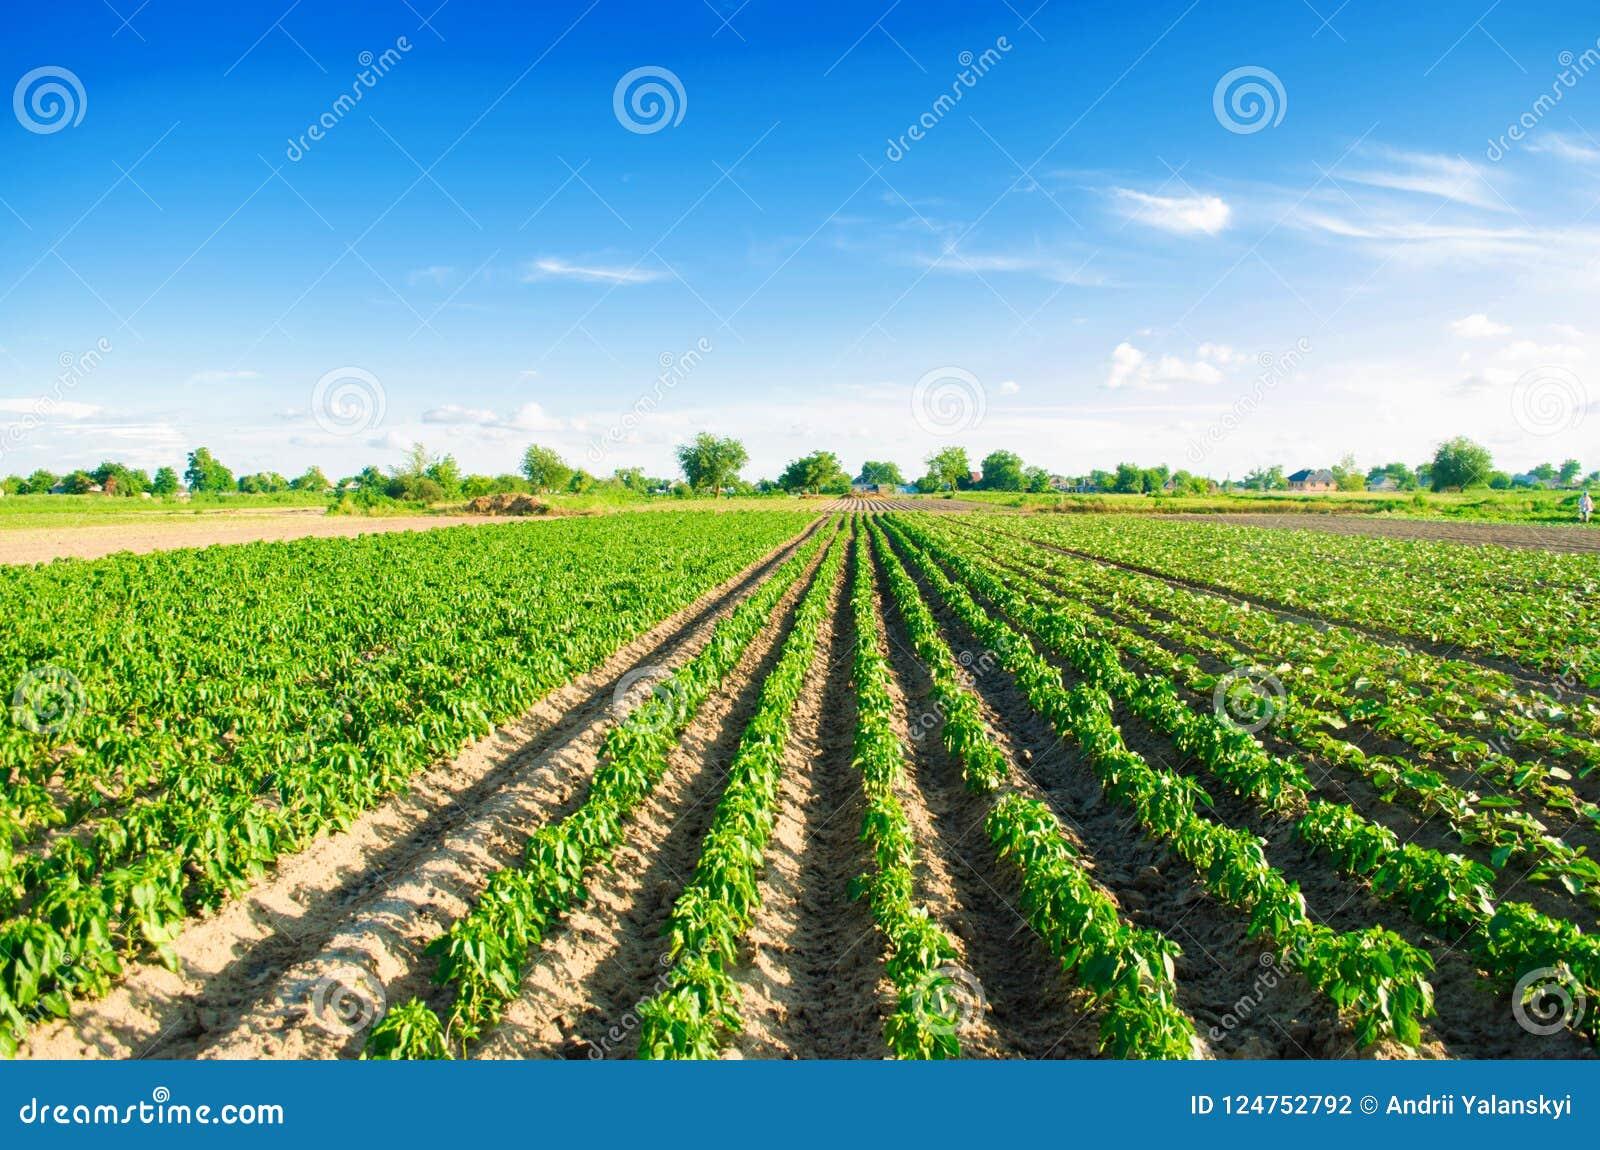 Le piantagioni di pepe si sviluppano nel campo file di verdure Agricoltura, agricoltura Paesaggio con terreno agricolo crops